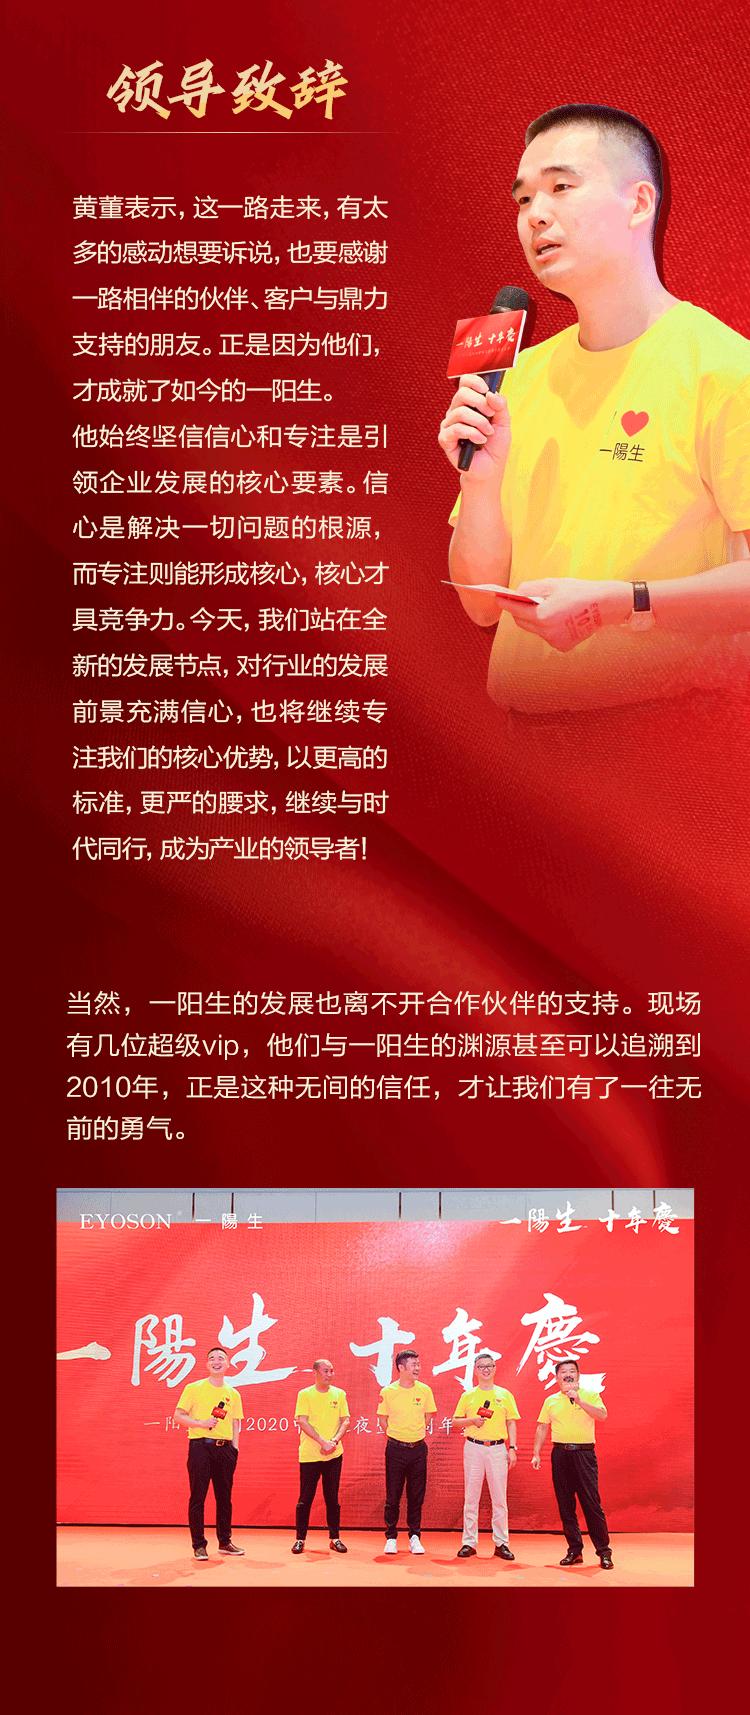 一阳生集团董事长黄董致辞